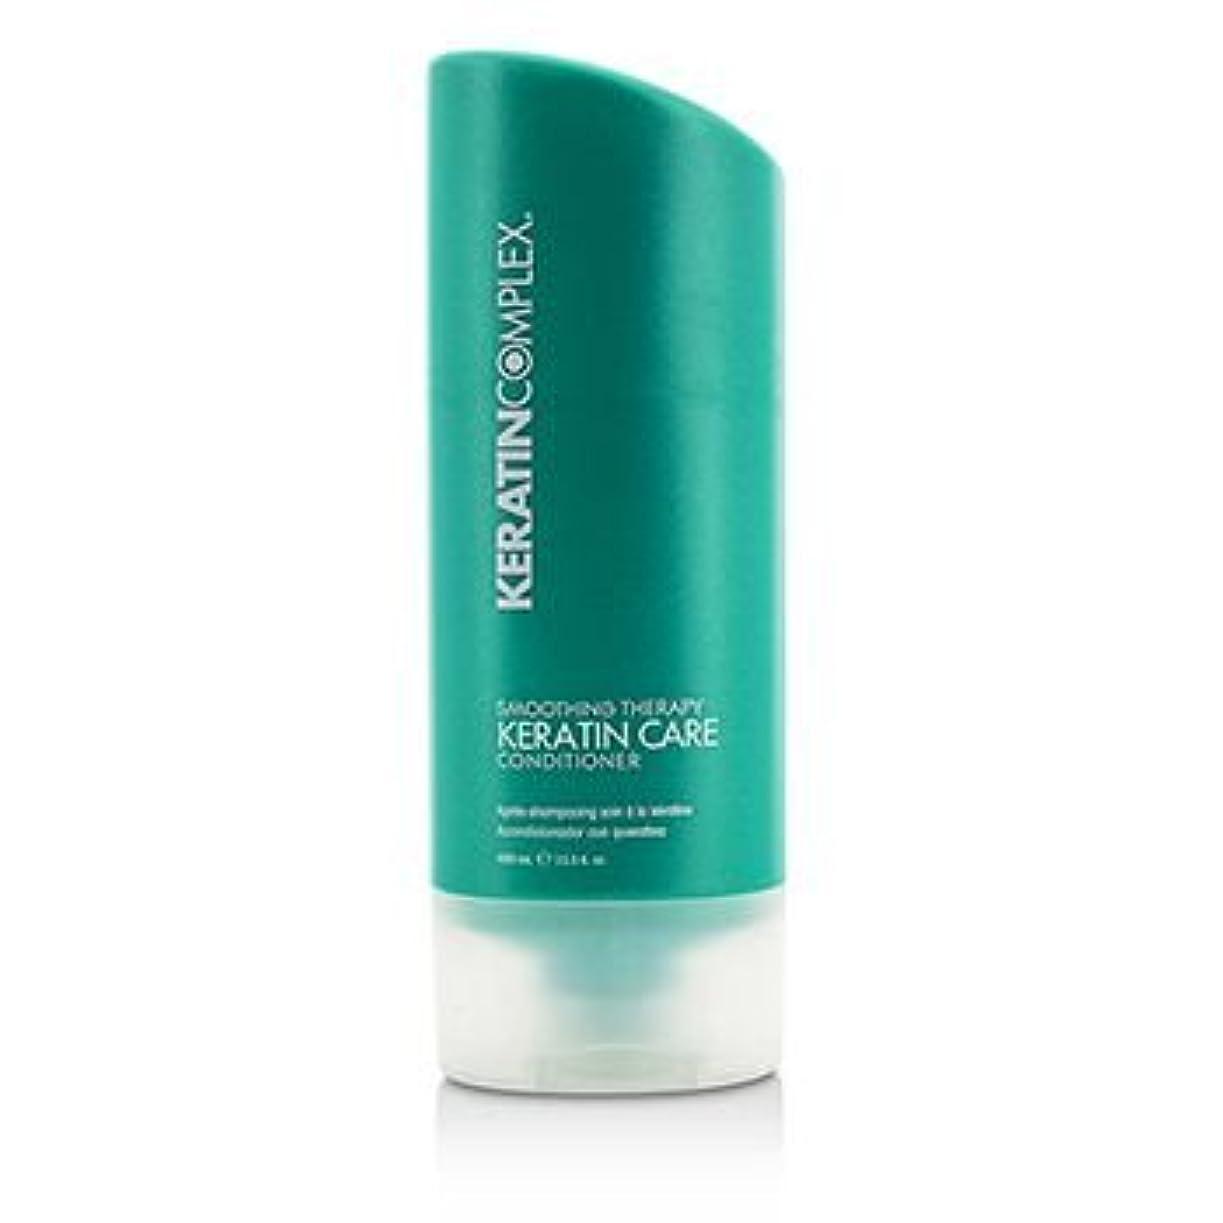 スマイルシンプルさ軽蔑[Keratin Complex] Smoothing Therapy Keratin Care Conditioner (For All Hair Types) 1000ml/33.8oz